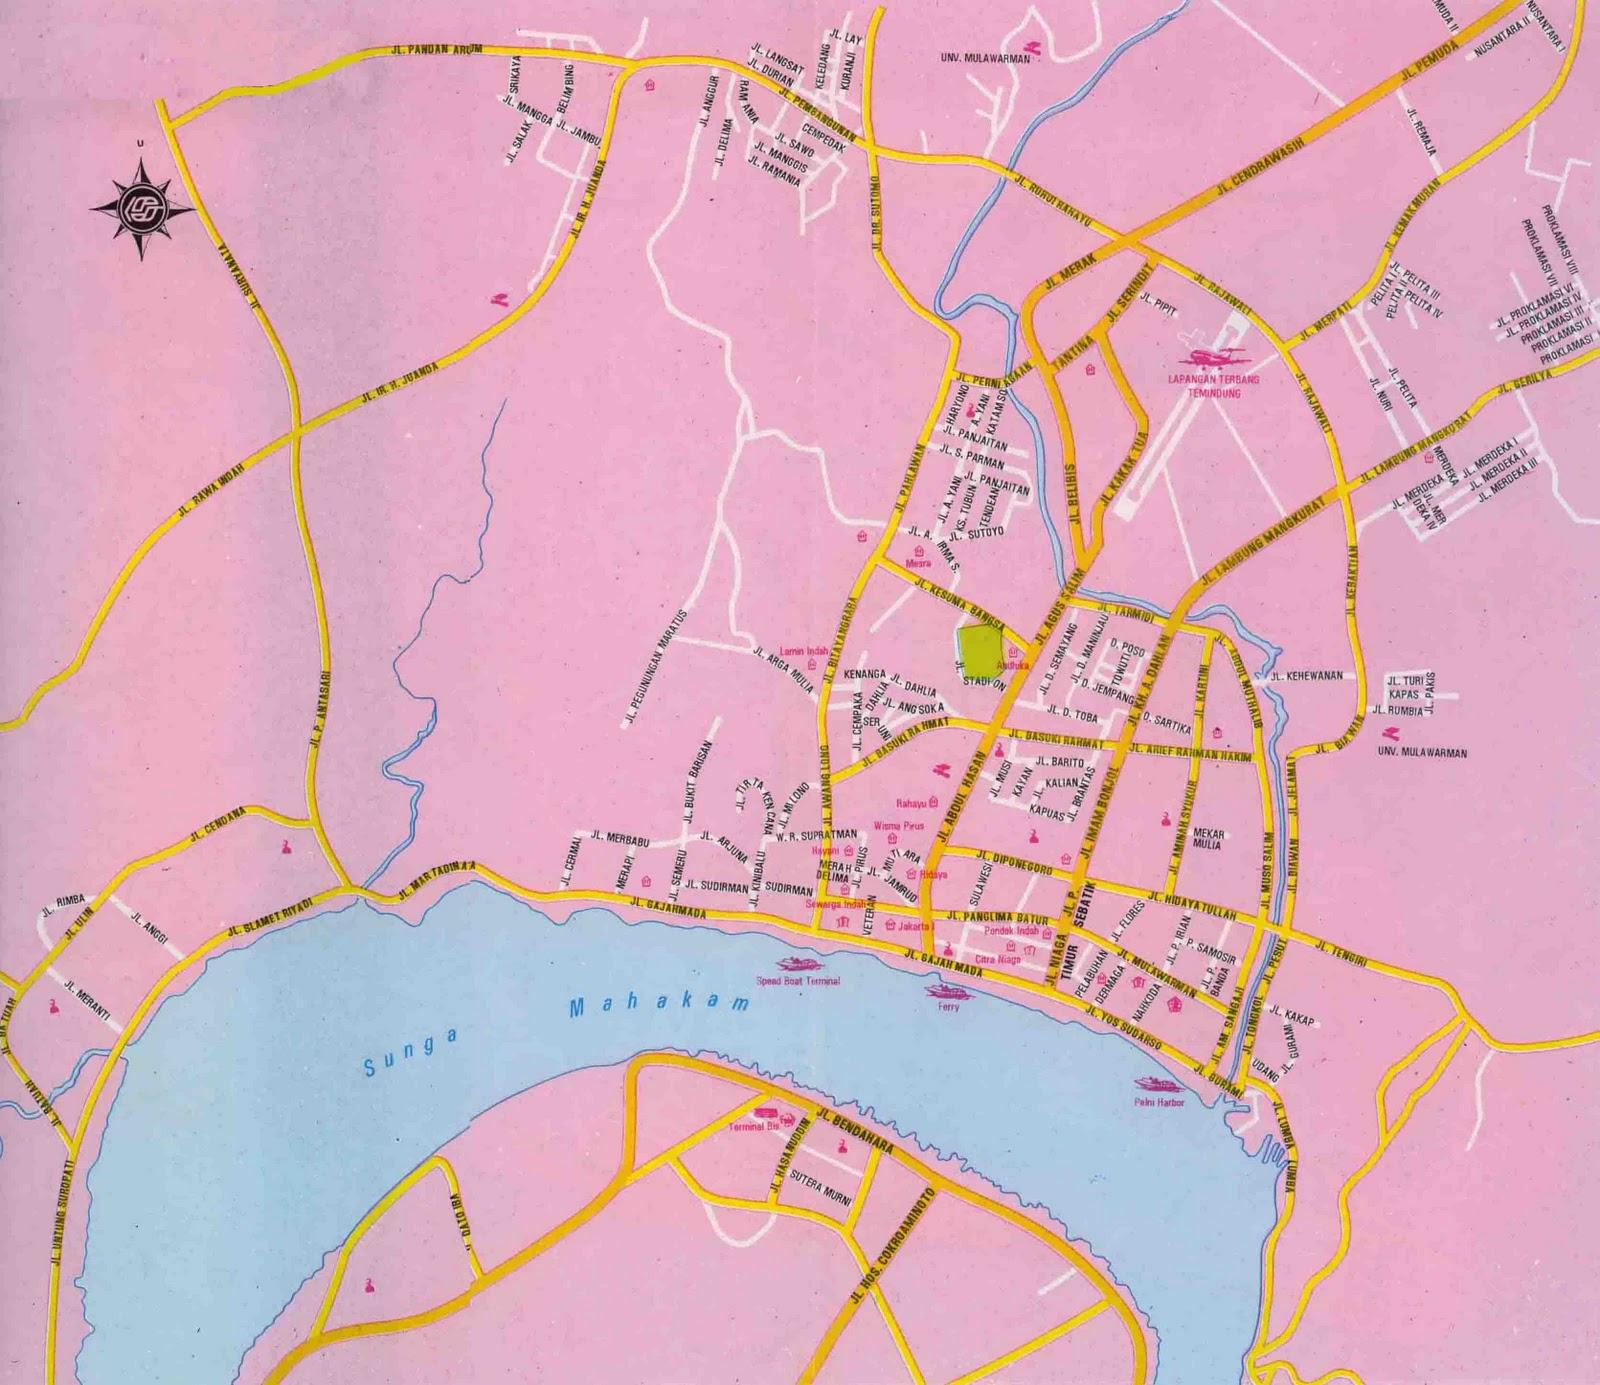 Peta Kota: Peta Kota Samarinda